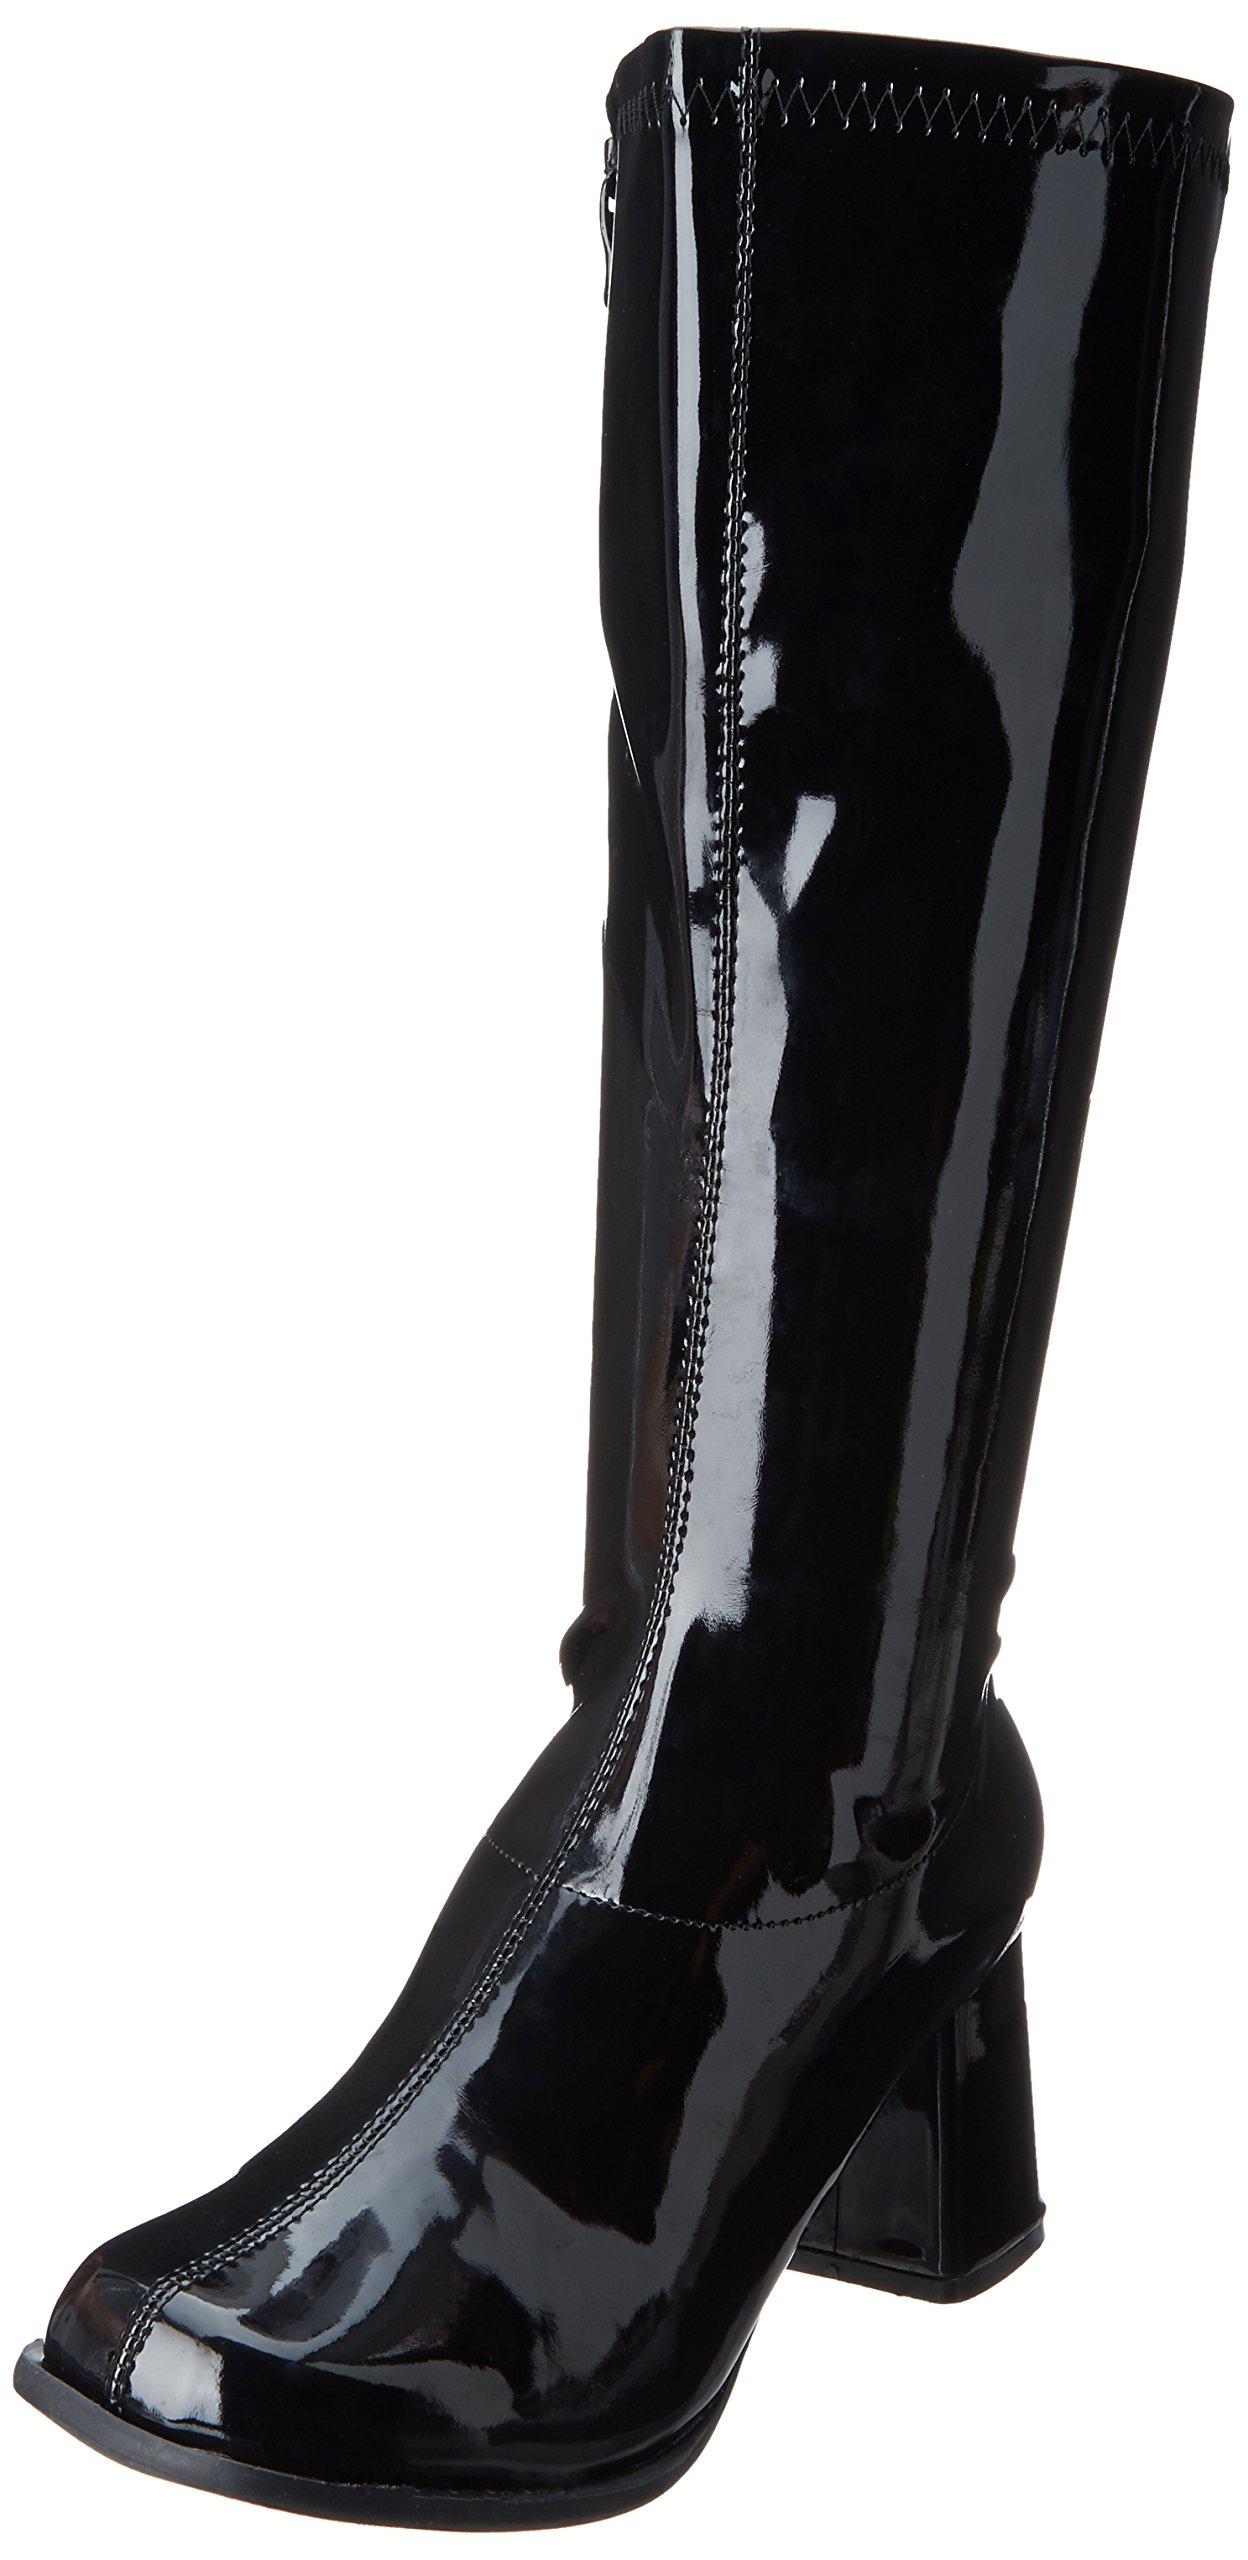 Ellie Shoes Women's Gogo Boot, Black, 6 M US